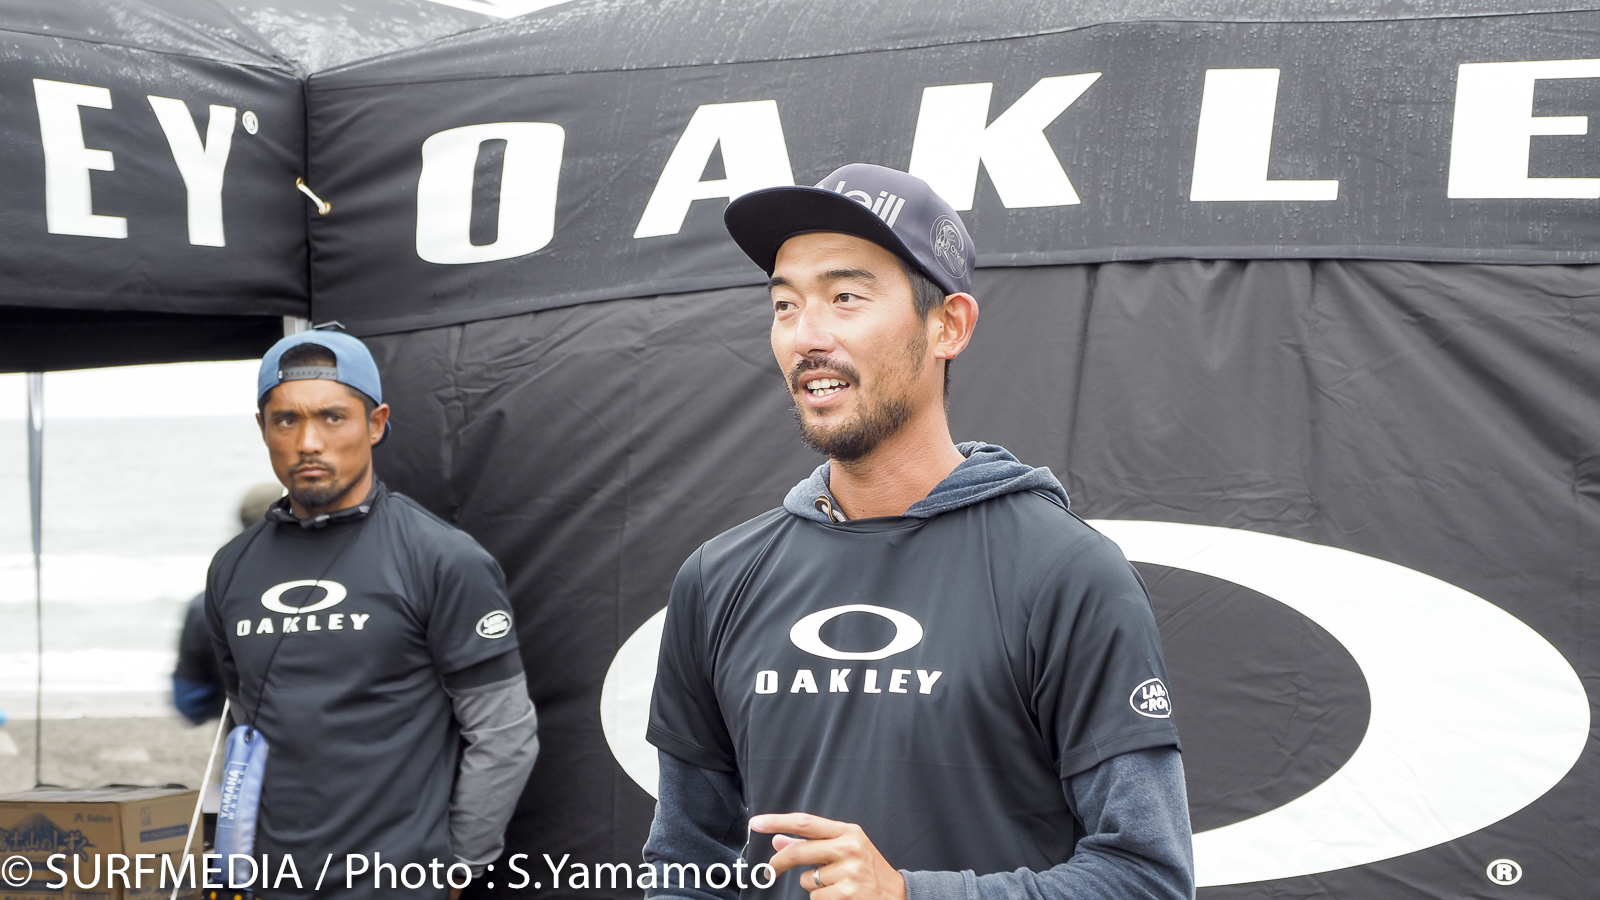 大会ディレクターは田中樹。その他、オークリーのライダーが中心となり大会運営を行った